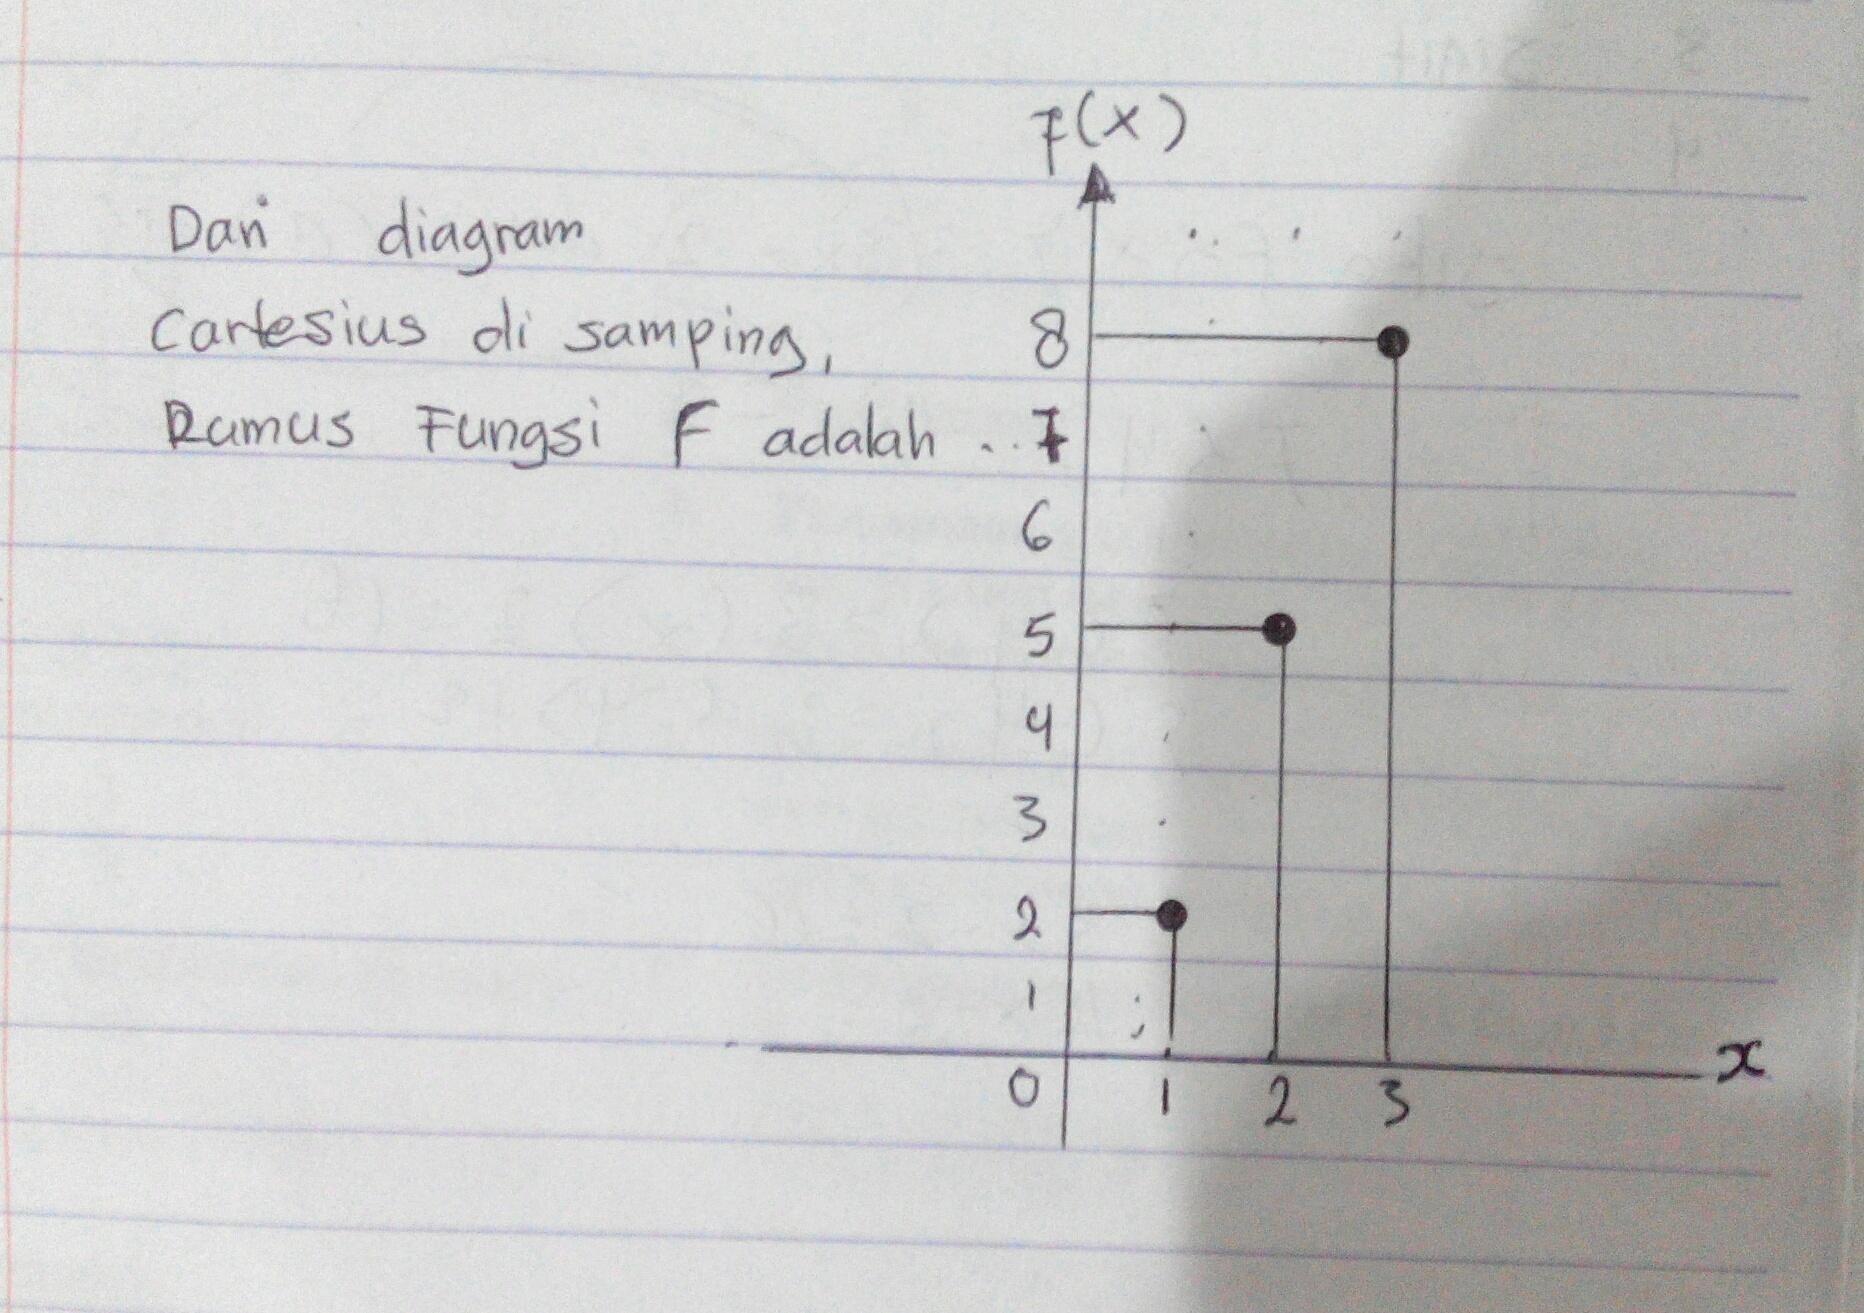 Dari diagram cartesius di samping rumus fungsi adalah brainly dari diagram cartesius di samping rumus fungsi adalah ccuart Images